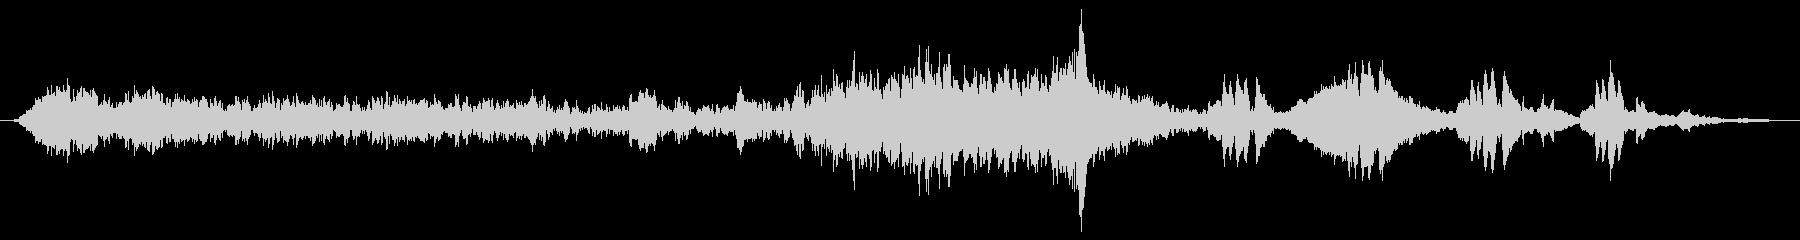 ミステリー、ホラー向きアンビエント楽曲の未再生の波形